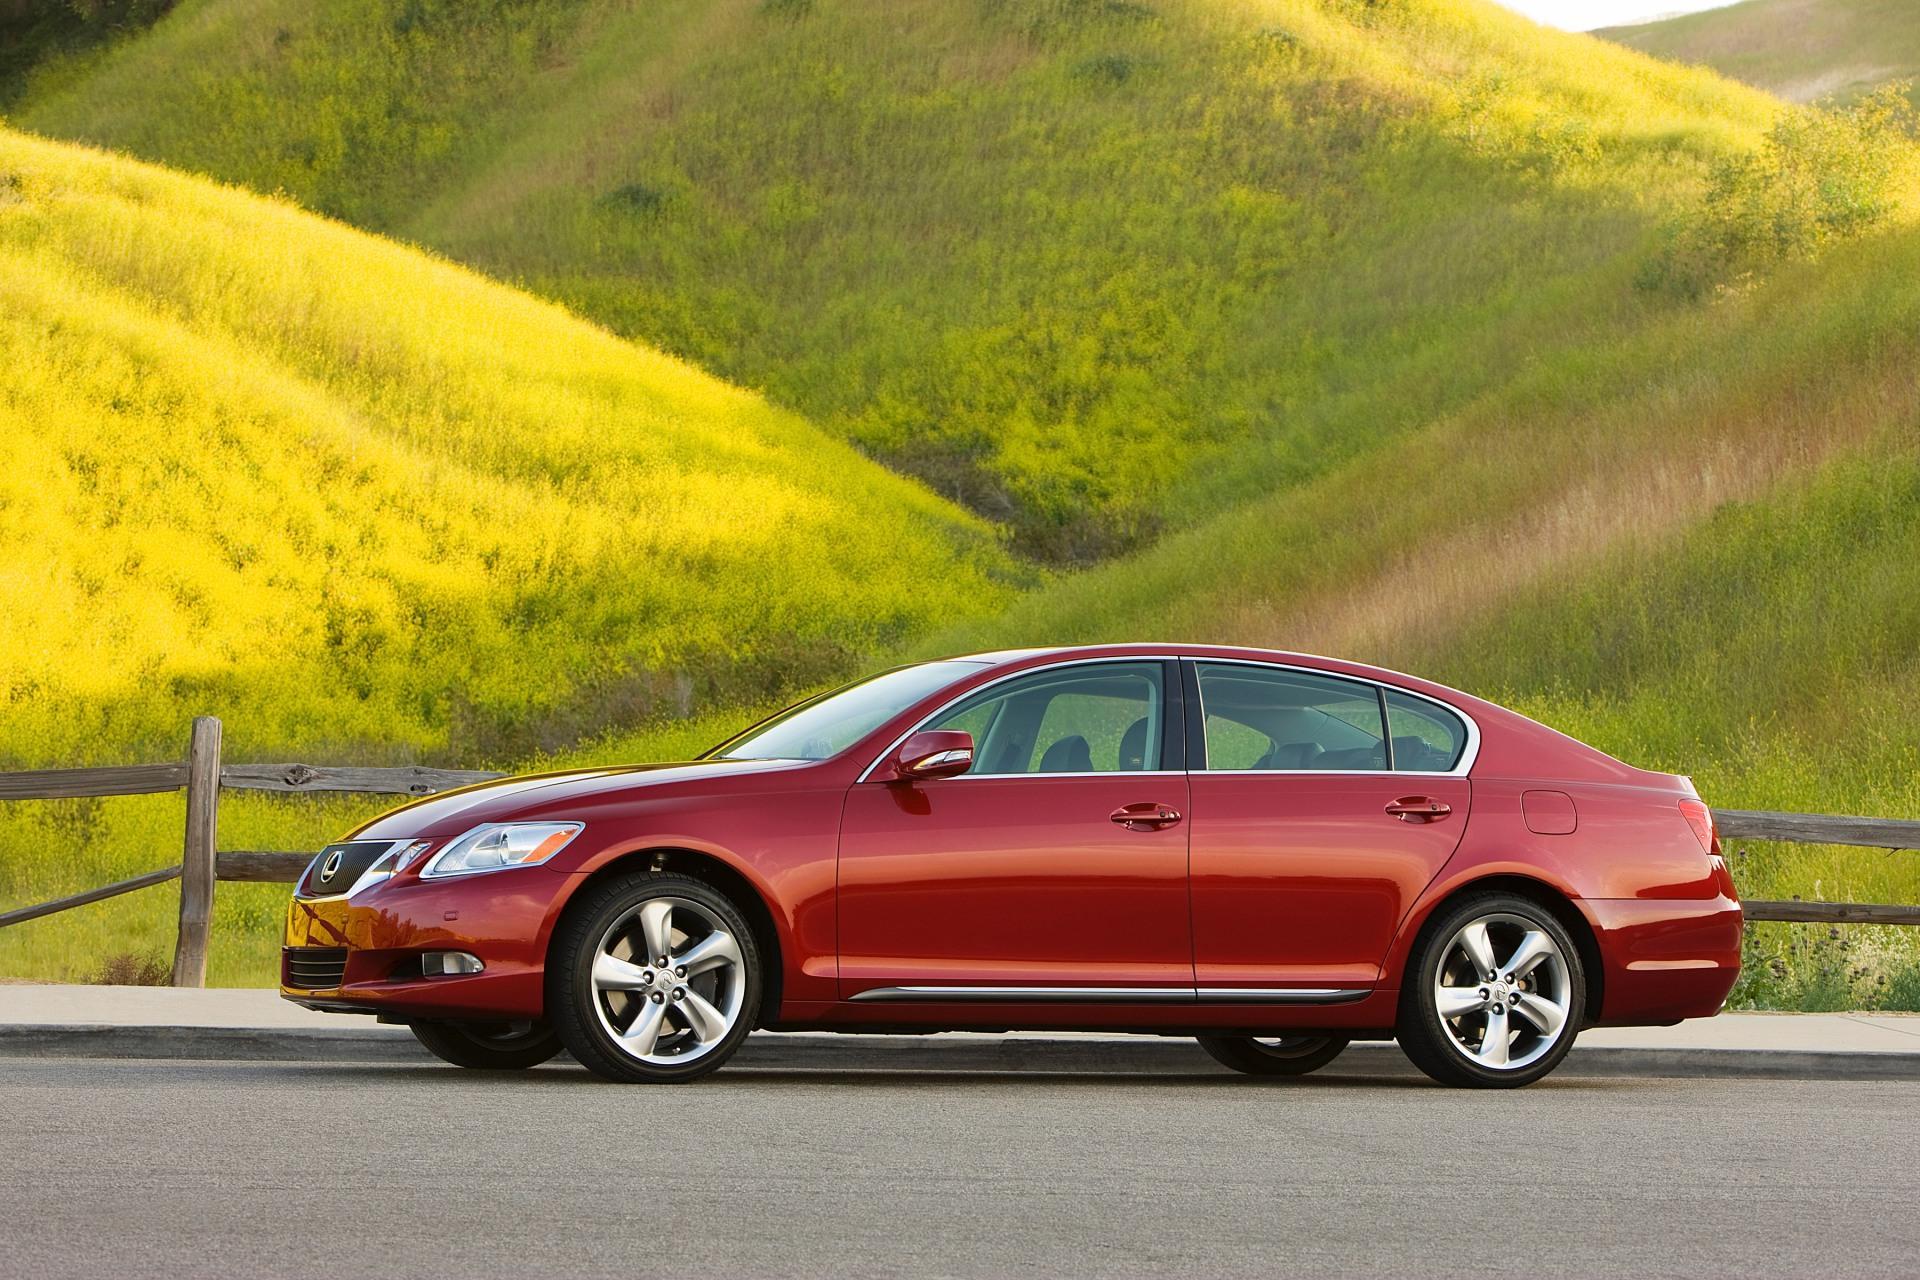 https://www.conceptcarz.com/images/Lexus/2010-Lexus-GS_Image-01.jpg